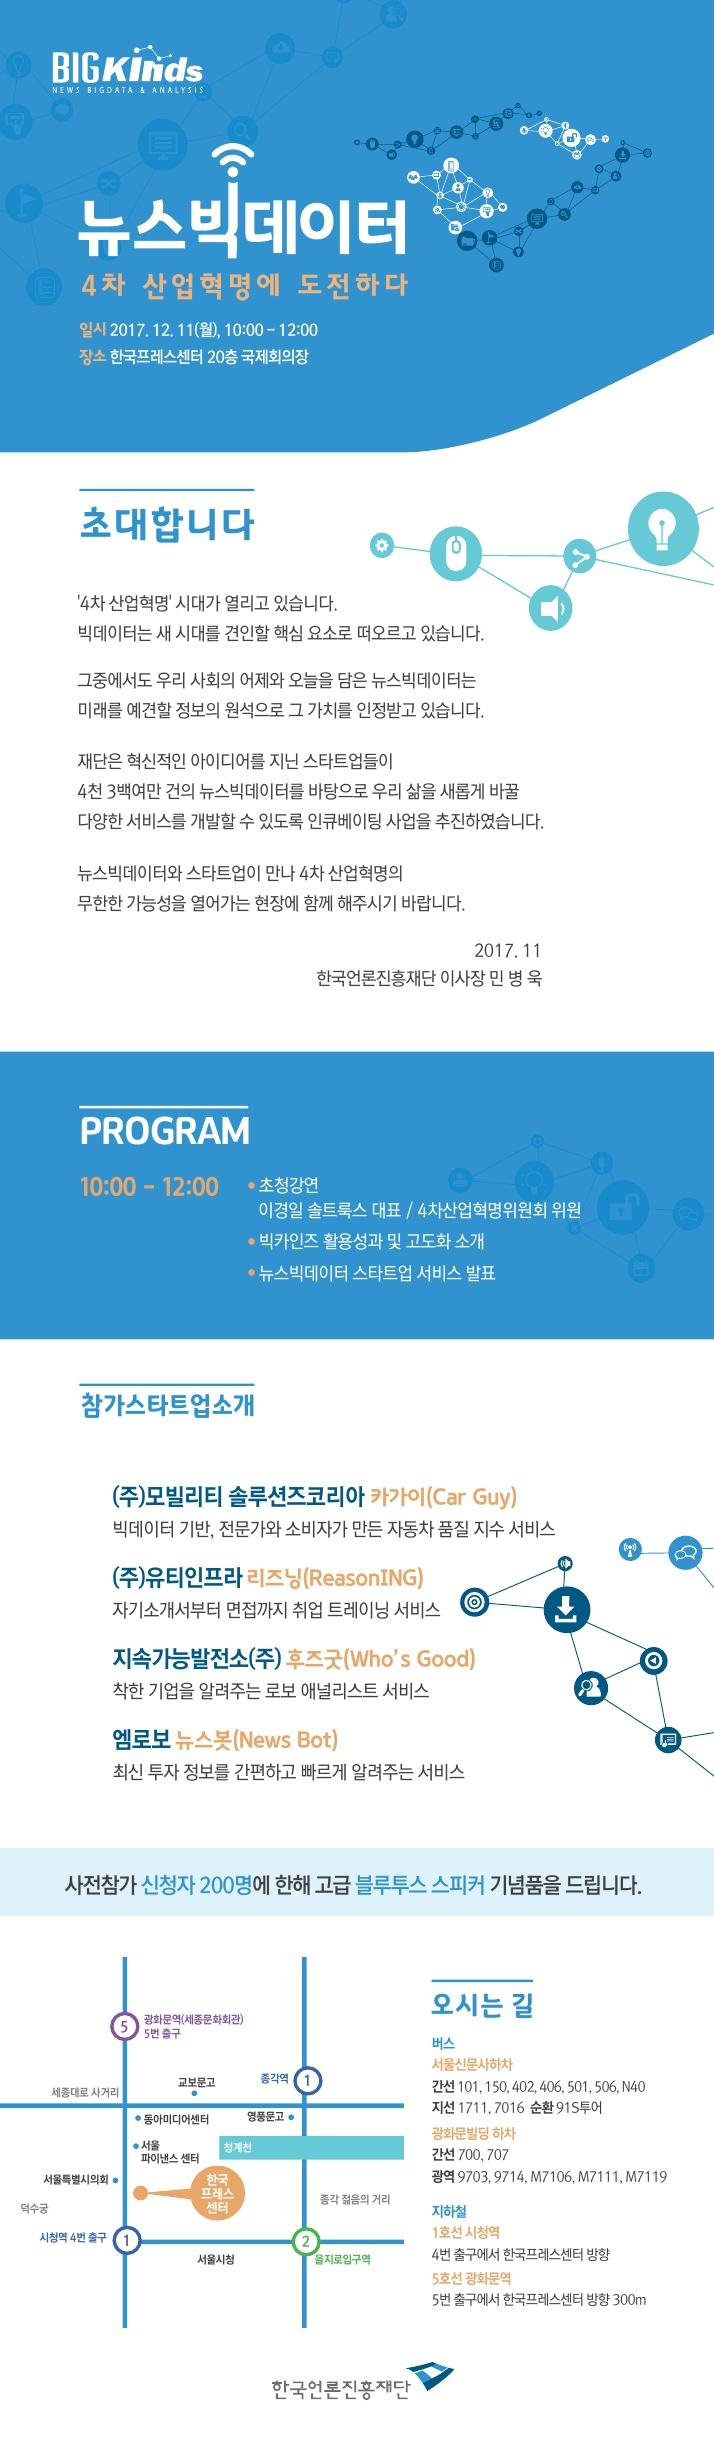 한국언론진흥재단뉴스빅데이터4차산업혁명에도전하다